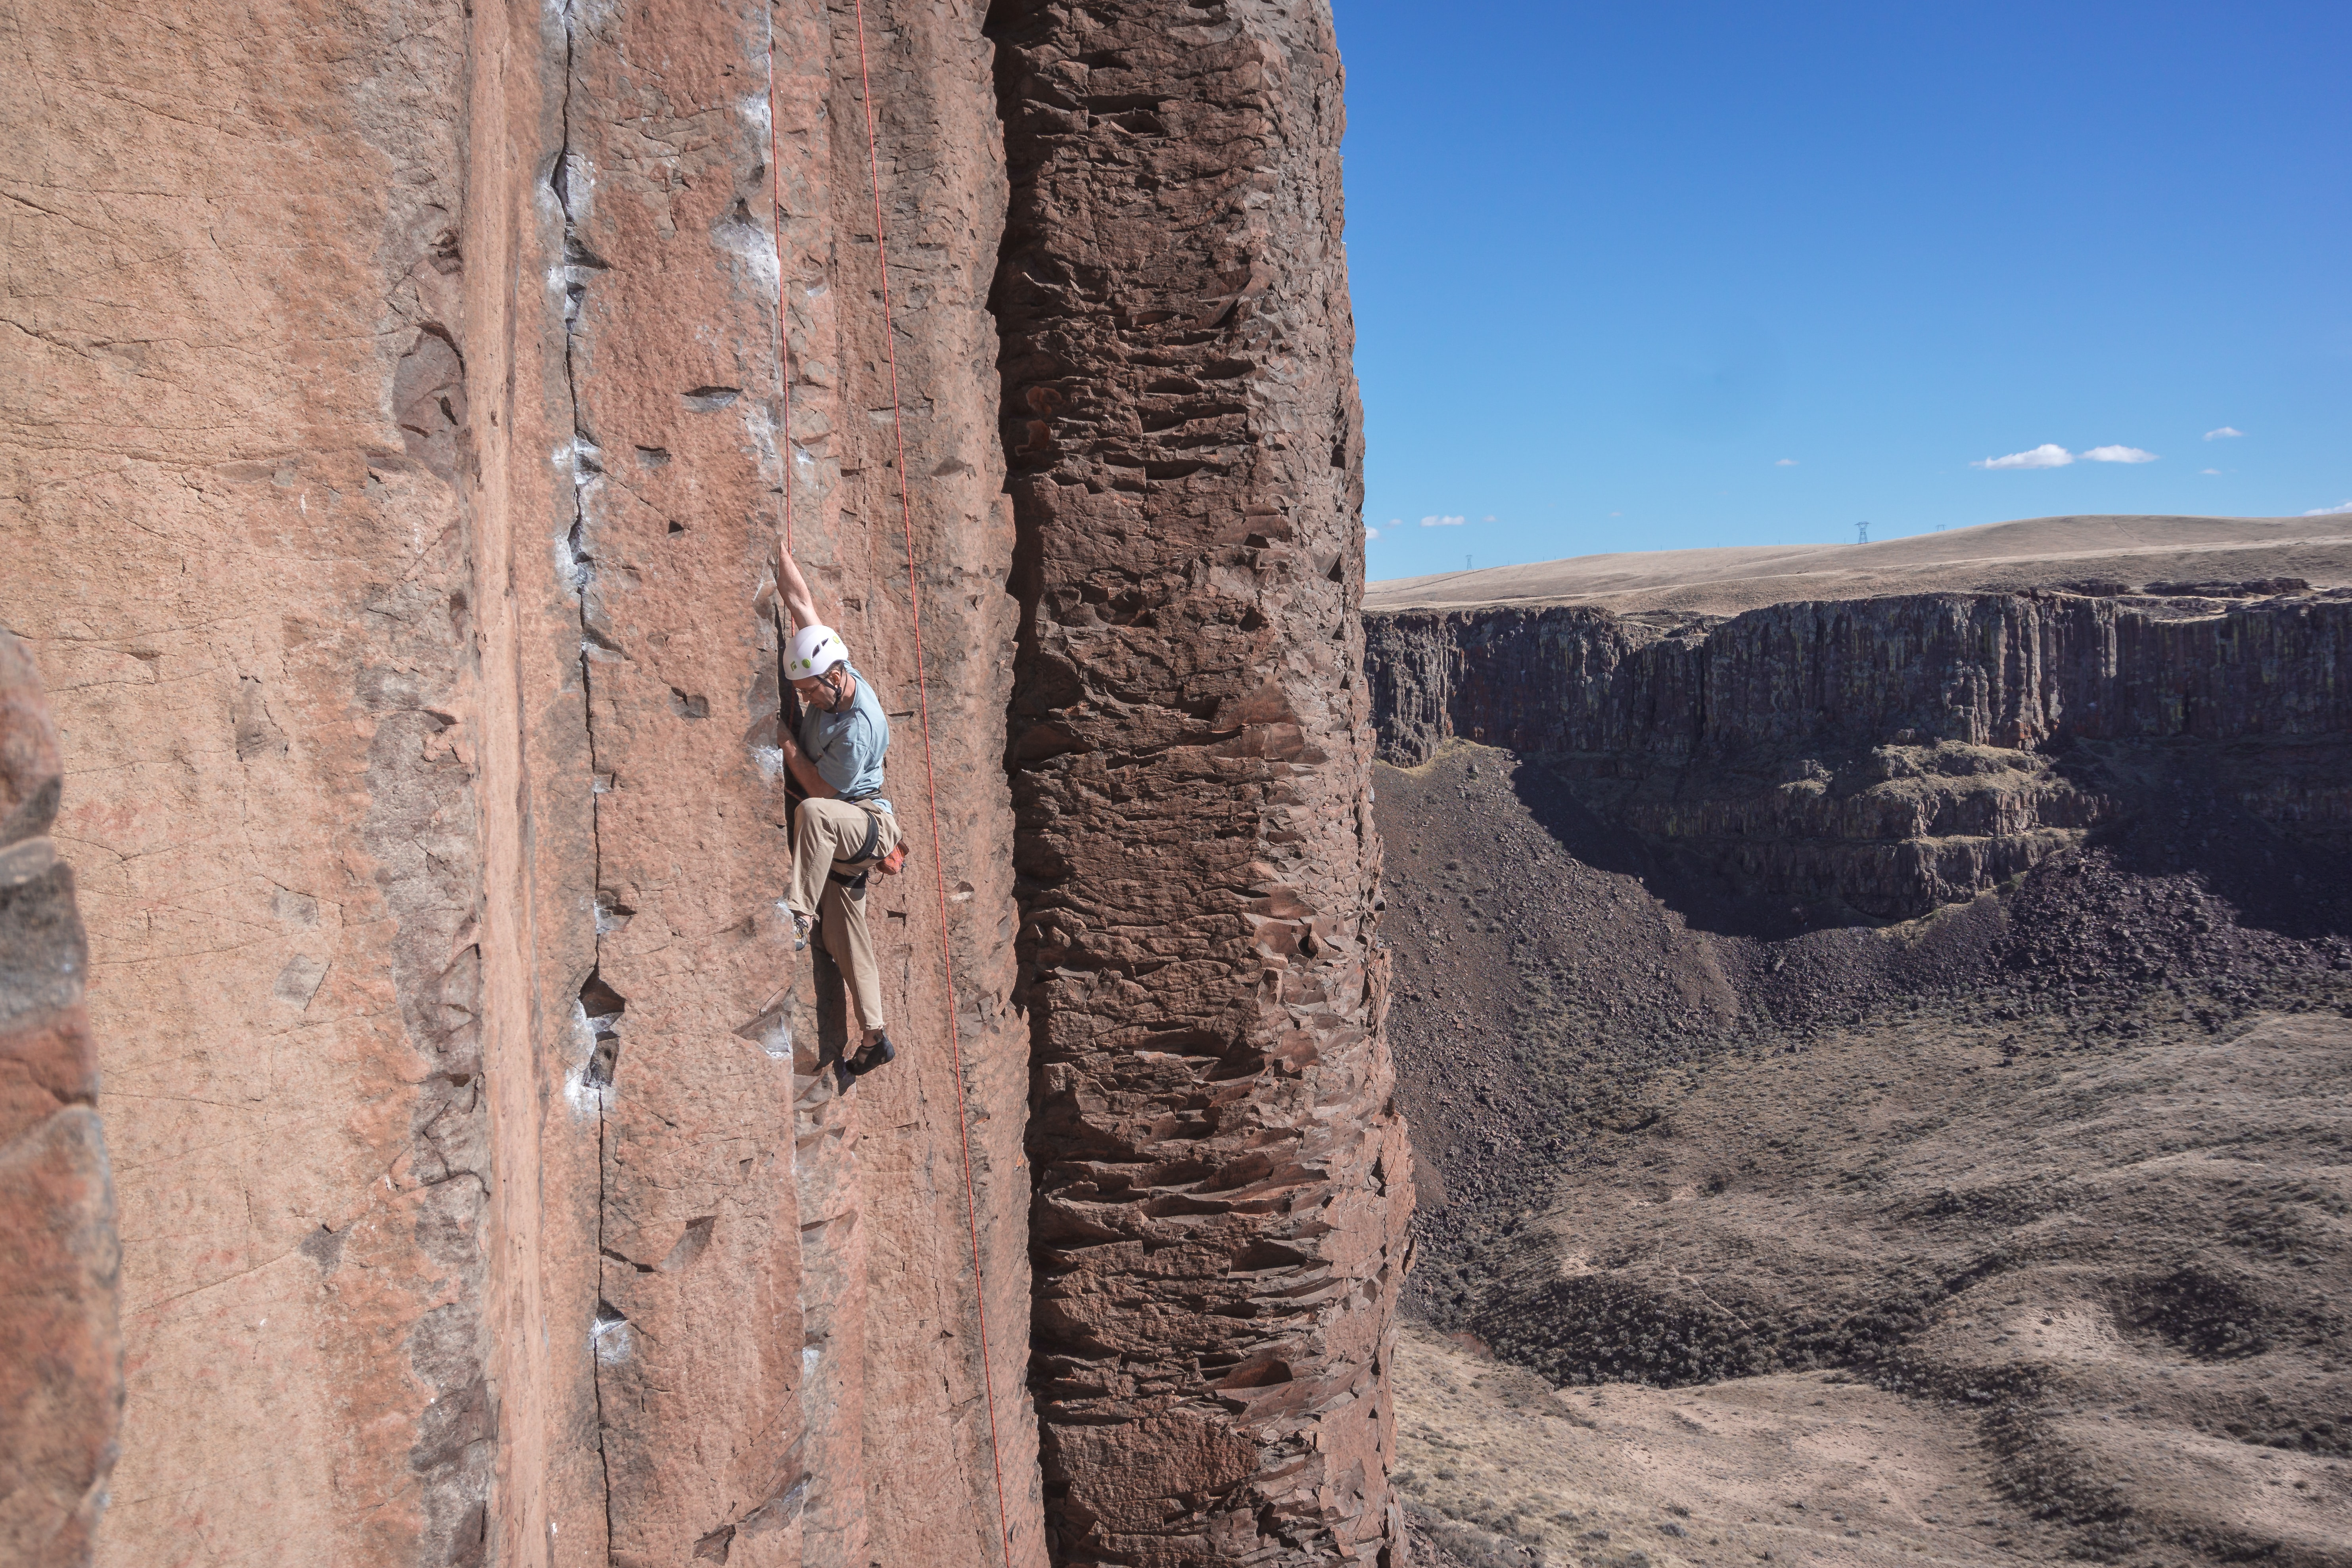 man mountain climbing during daytime